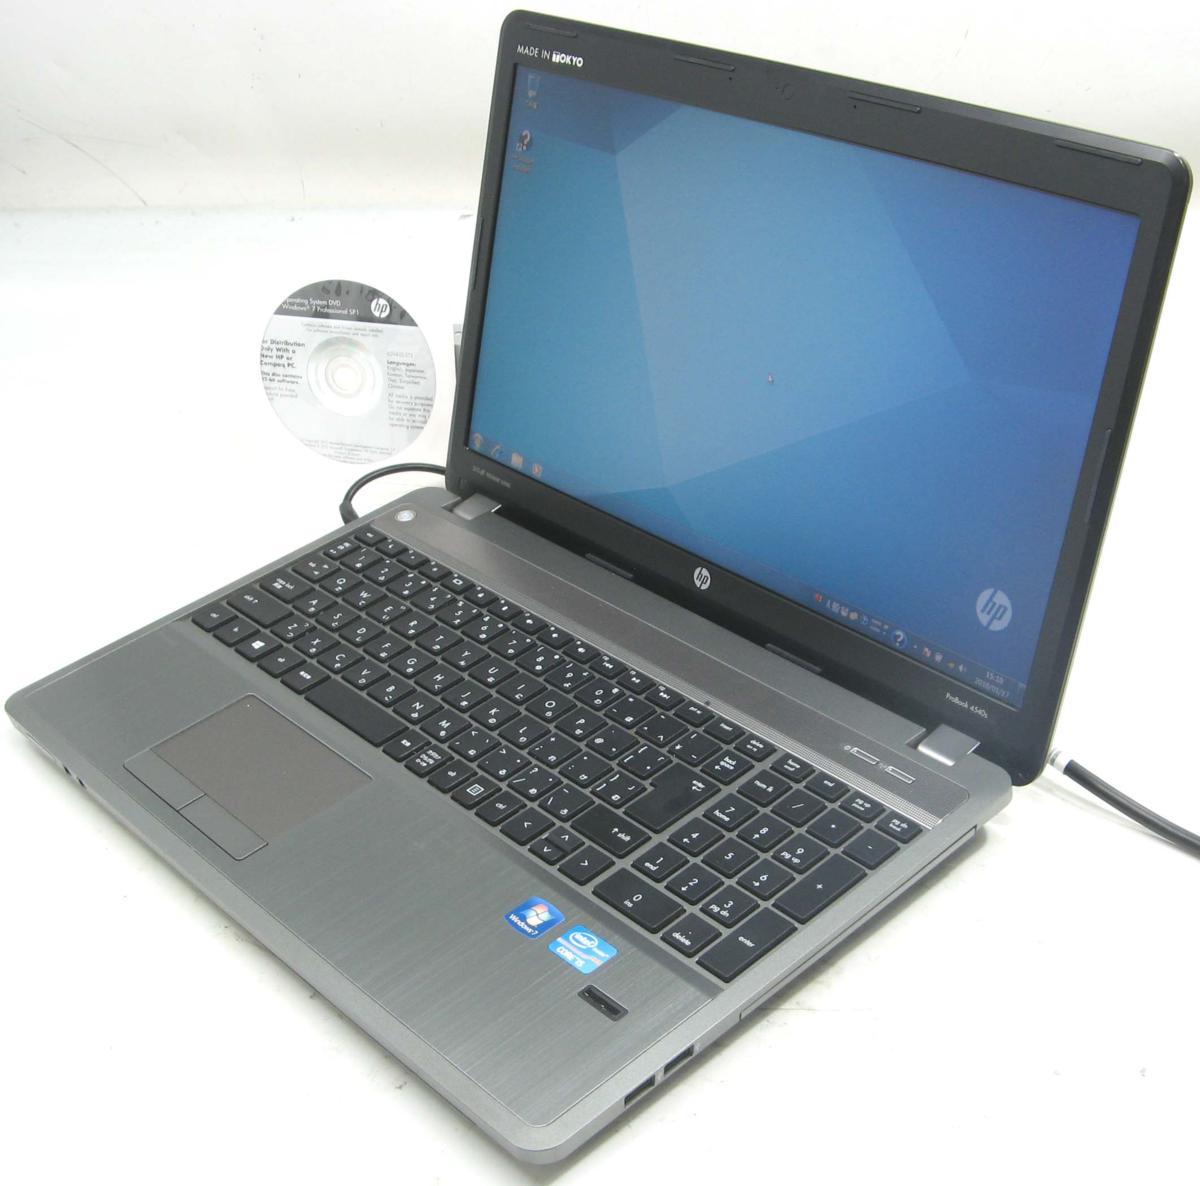 中古ノートパソコン HP ProBook 4540S(ヒューレット・パッカード Windows7 Corei5 DVDスーパーマルチドライブ HDMI出力端子)【中古】【中古パソコン/中古PC】